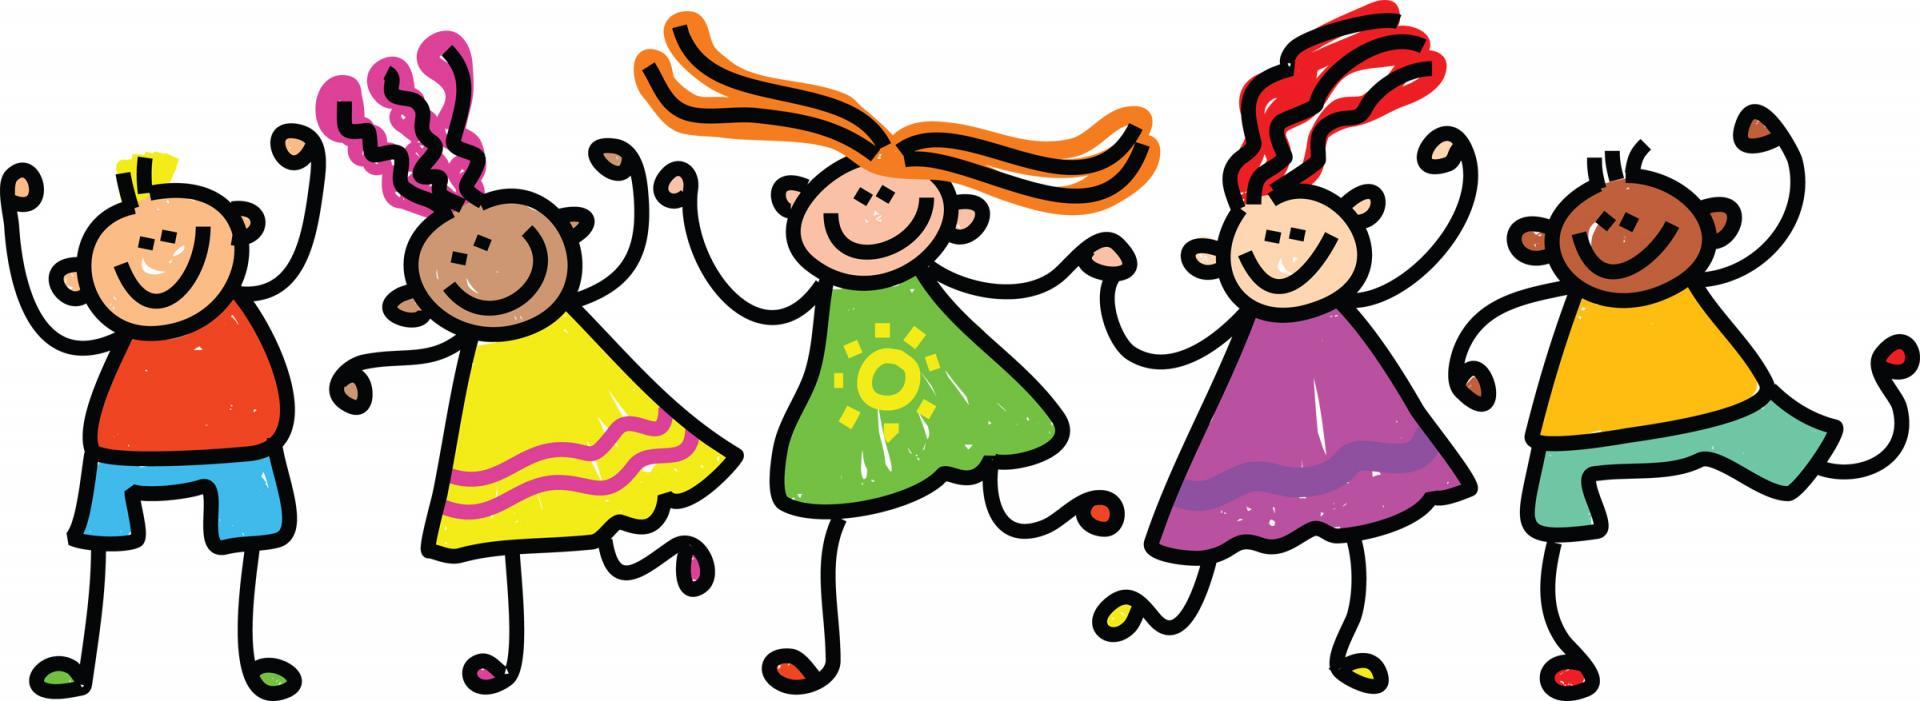 1920x701 Celebration clip art free clipart images 3